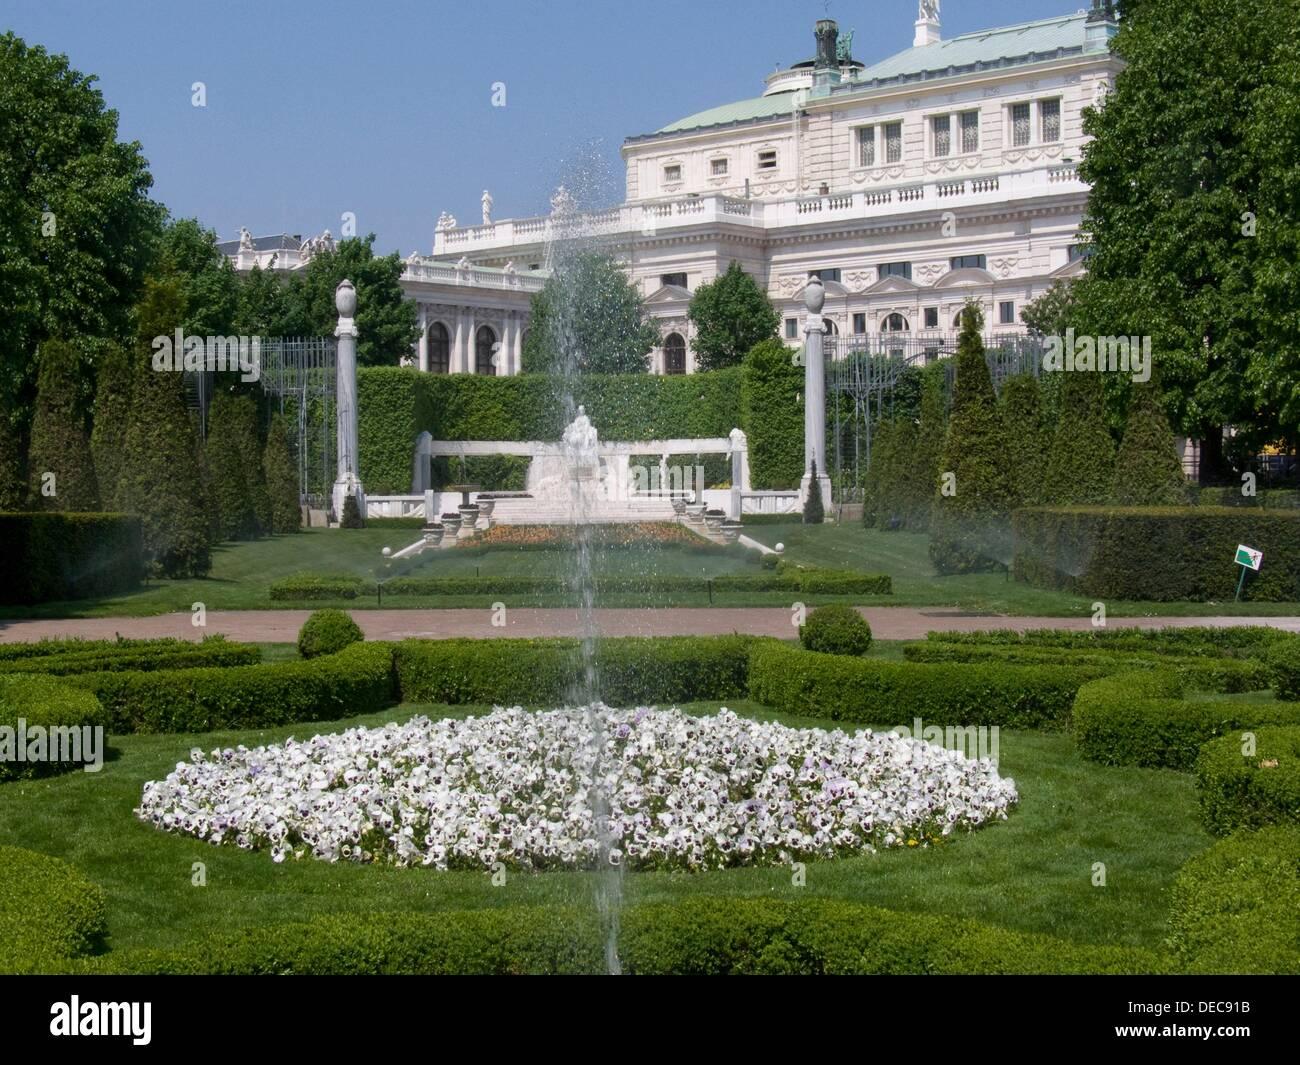 österreich Wien Volksgarten Stock Photo 60506807 Alamy